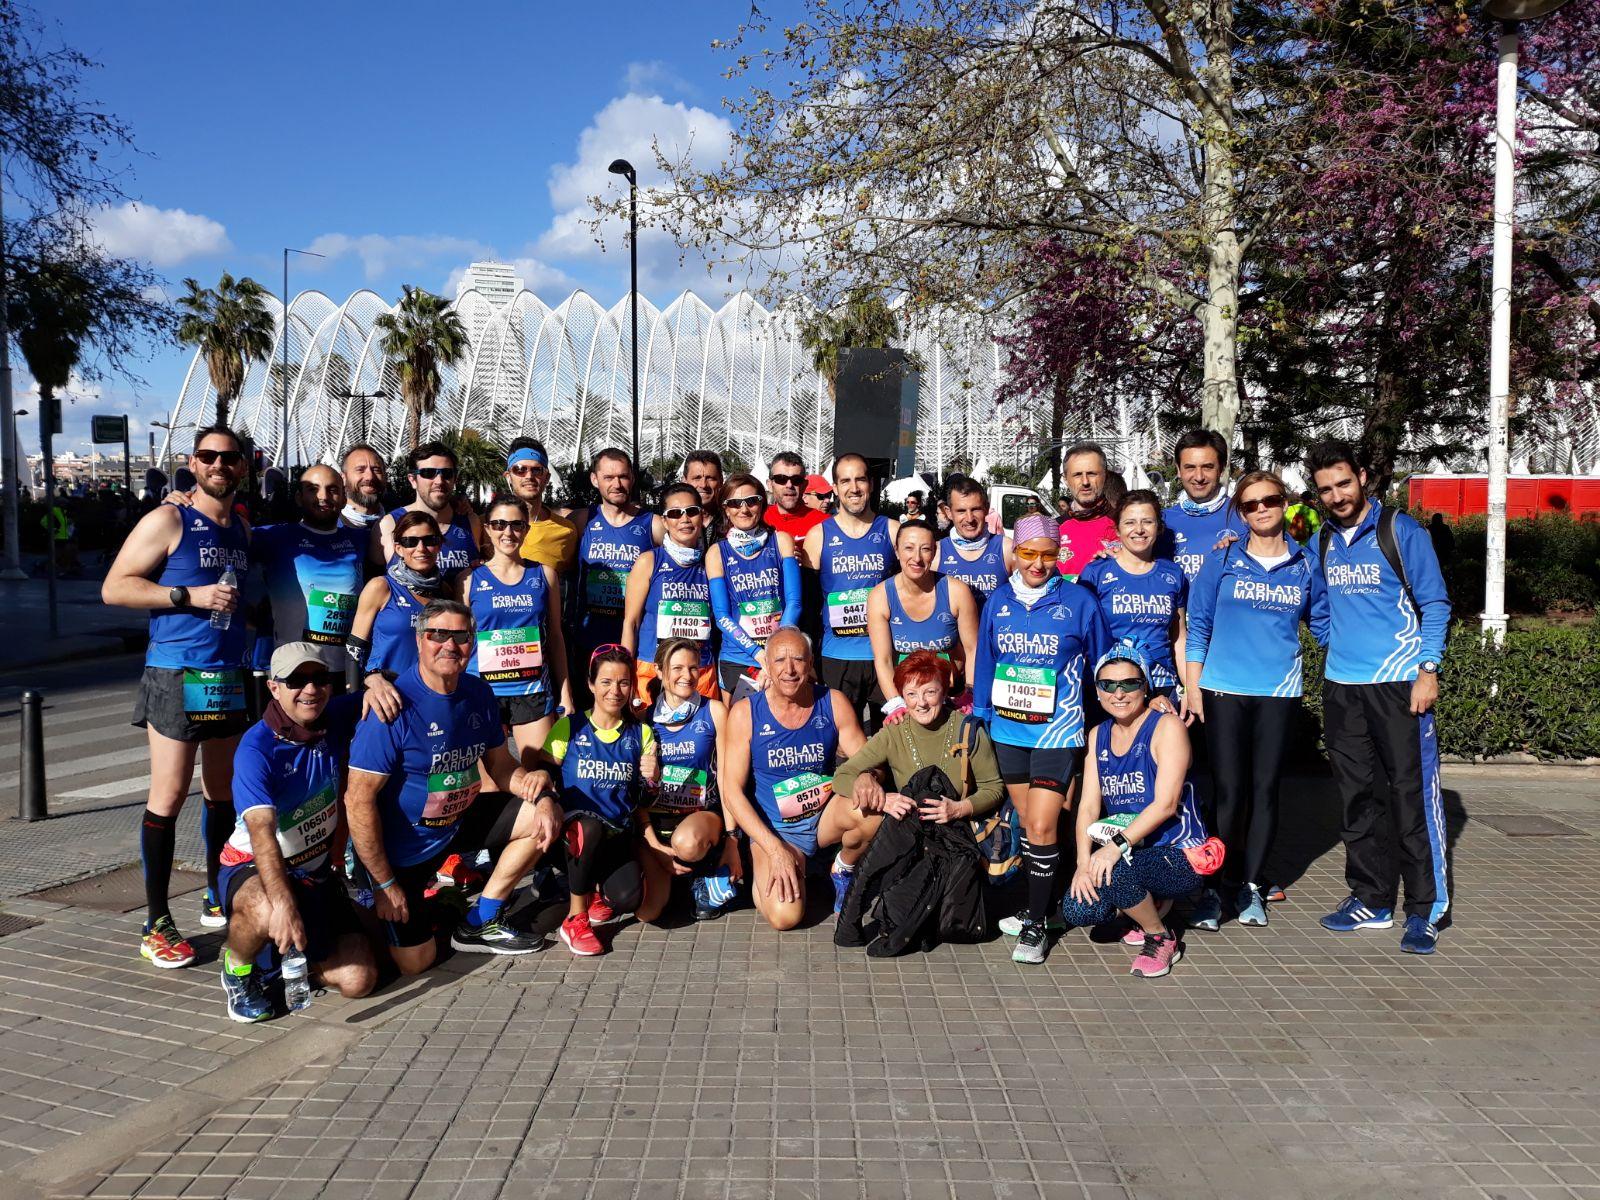 Mass Race de los IAAF/Trinidad Alfonso Campeonato del Mundo de Media Maratón Valencia 2018